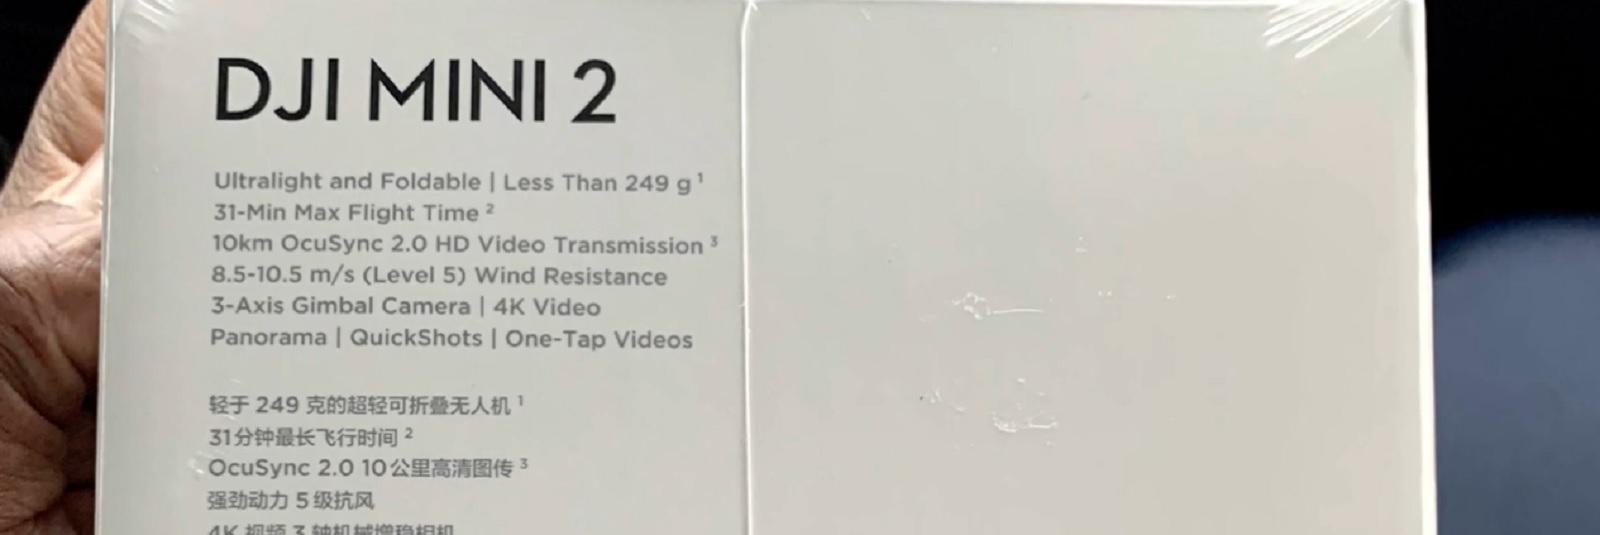 Технические характеристики DJI Mini 2: 4K-видео и Ocusync 2.0